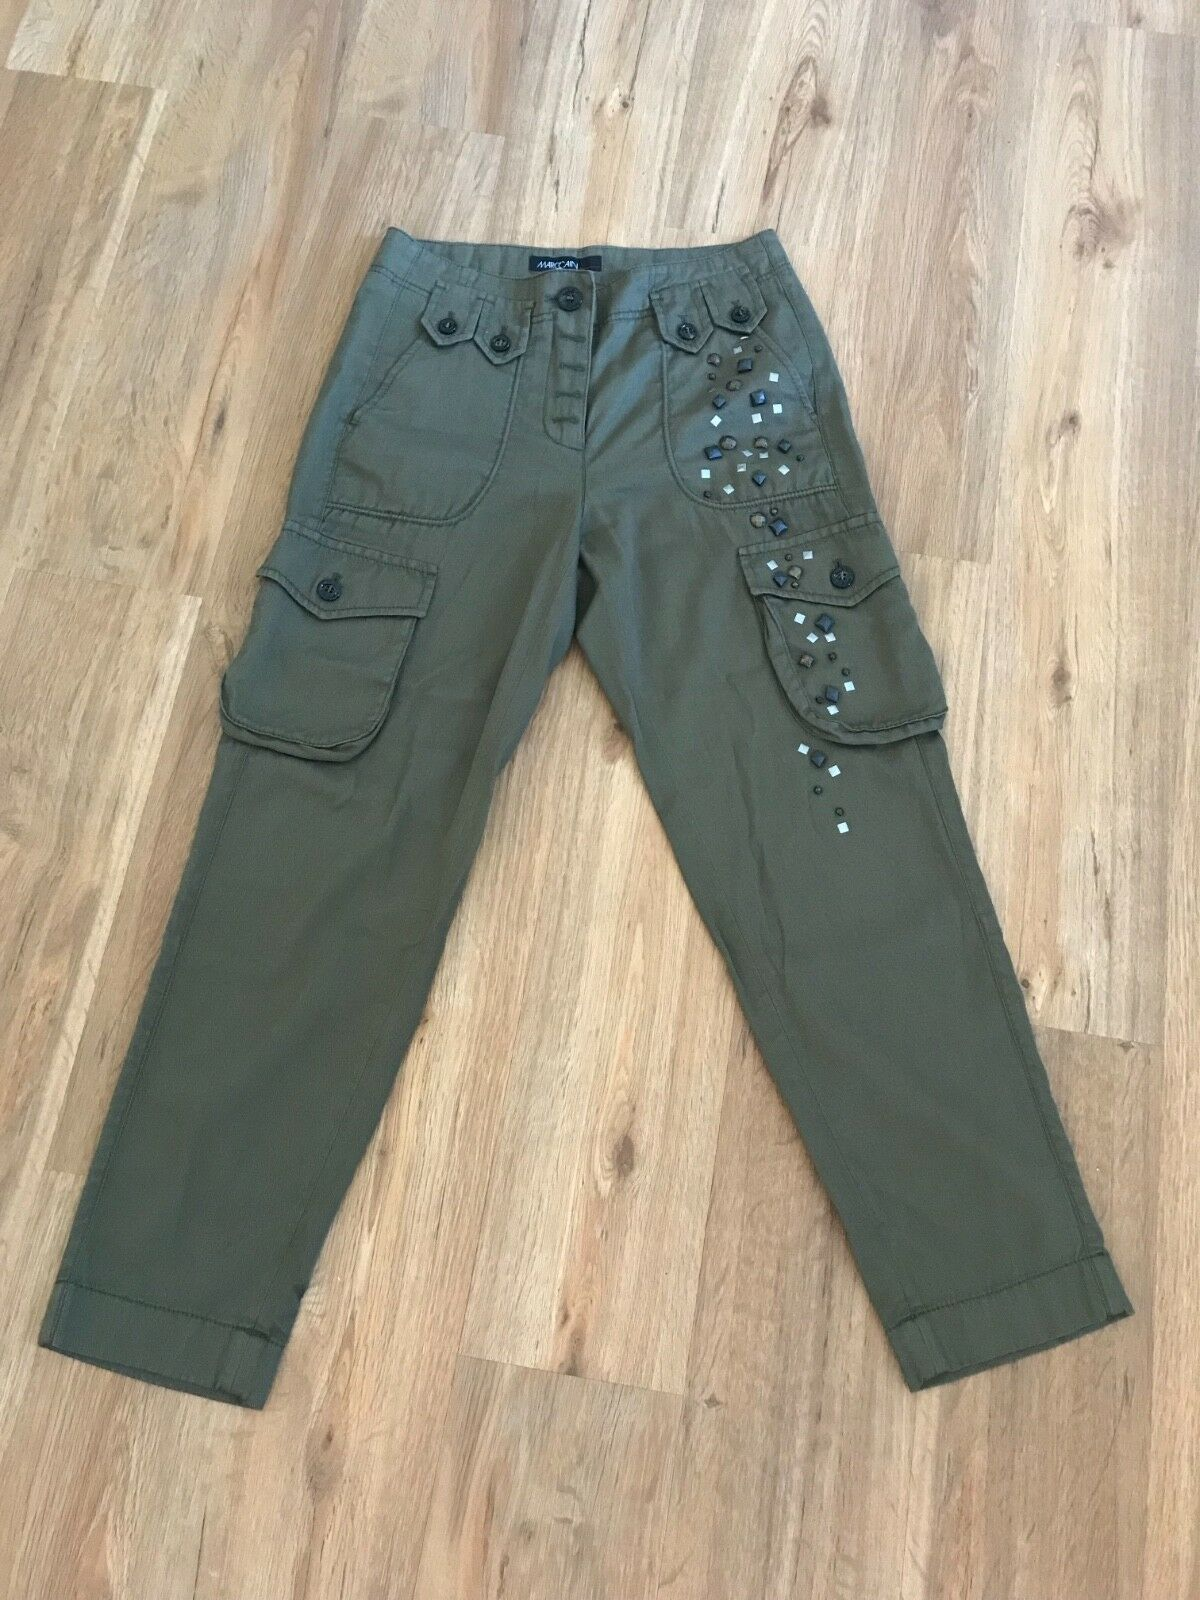 Marc Cain Cargo Trousers Größe n1 Olive Grün